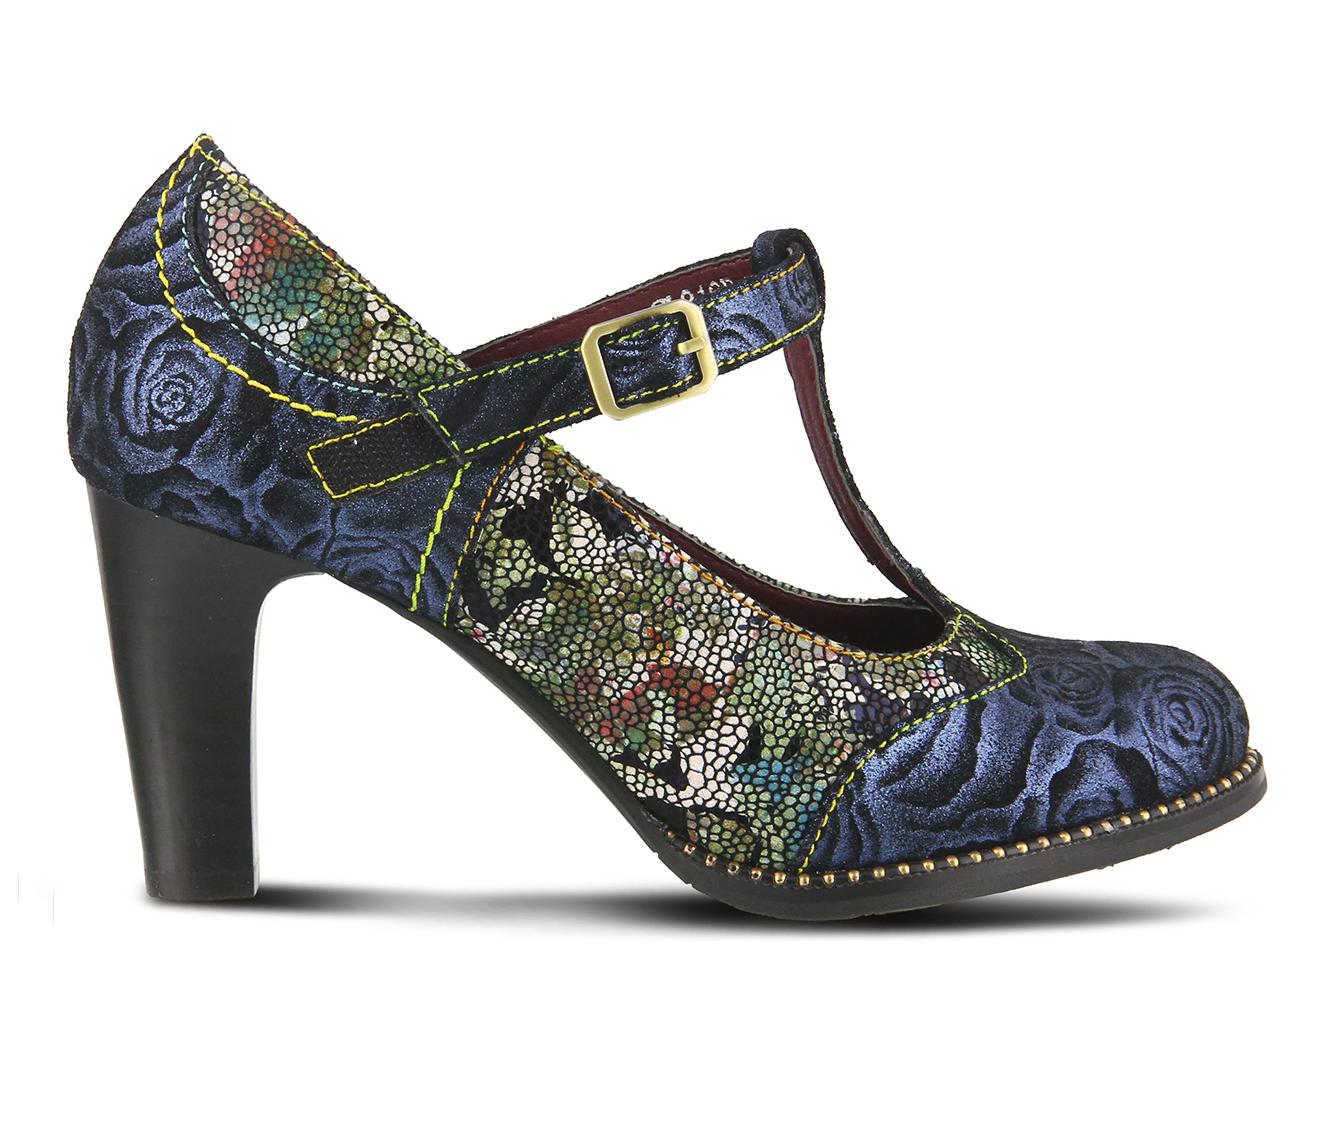 L'Artiste Mazie Women's Dress Shoe (Blue Leather)